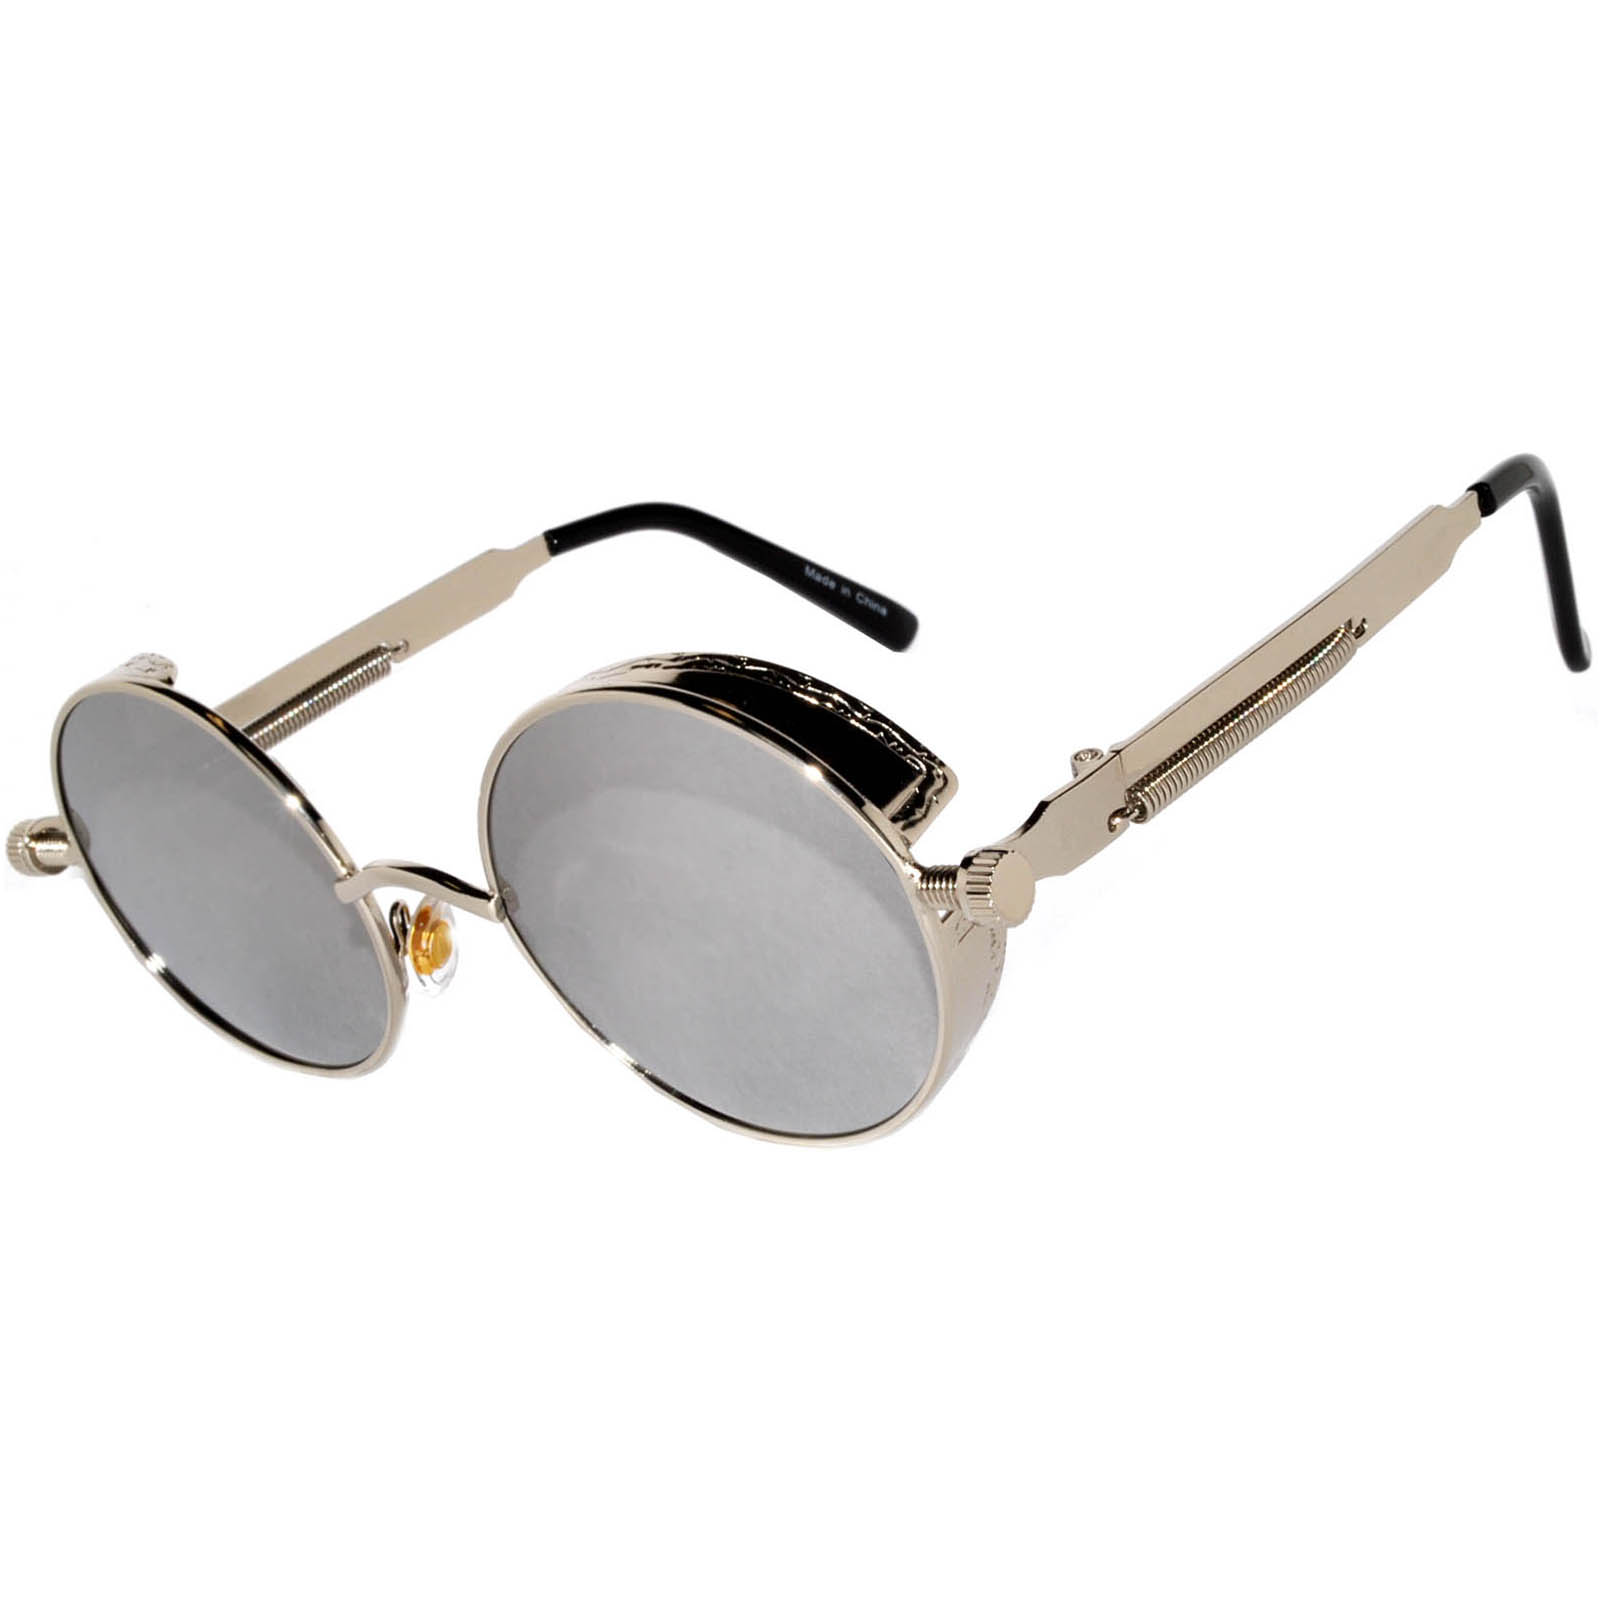 87e6a8b2988 060 C13 Steampunk Gothic Sunglasses Metal Round Circle Silver Frame ...